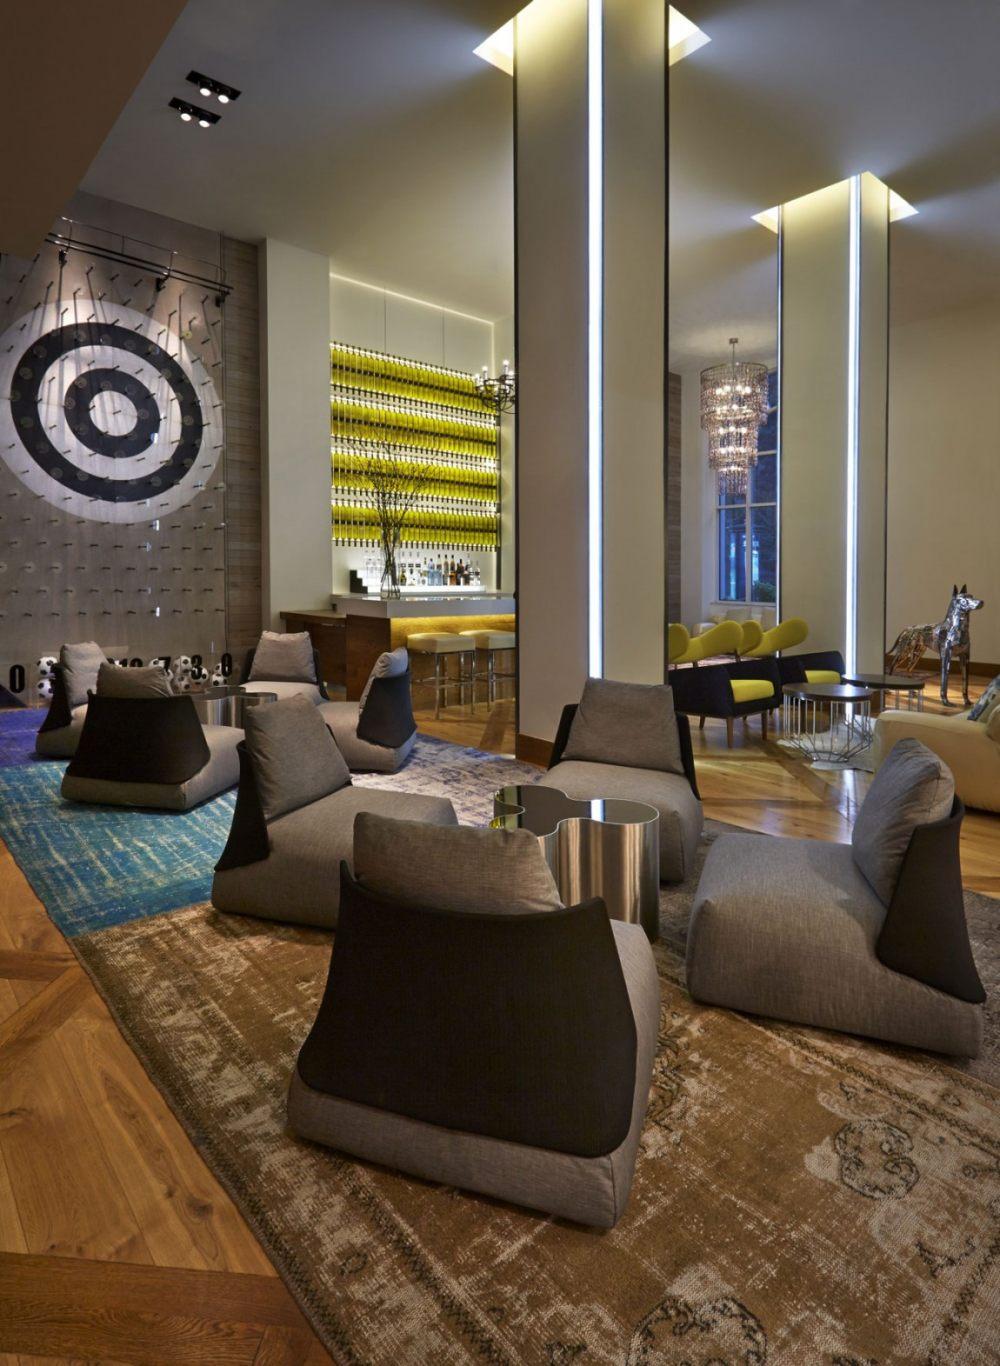 美国旧金山思拓酒店_Hotel-Zetta-San-Francisco-03-1150x1571.jpg